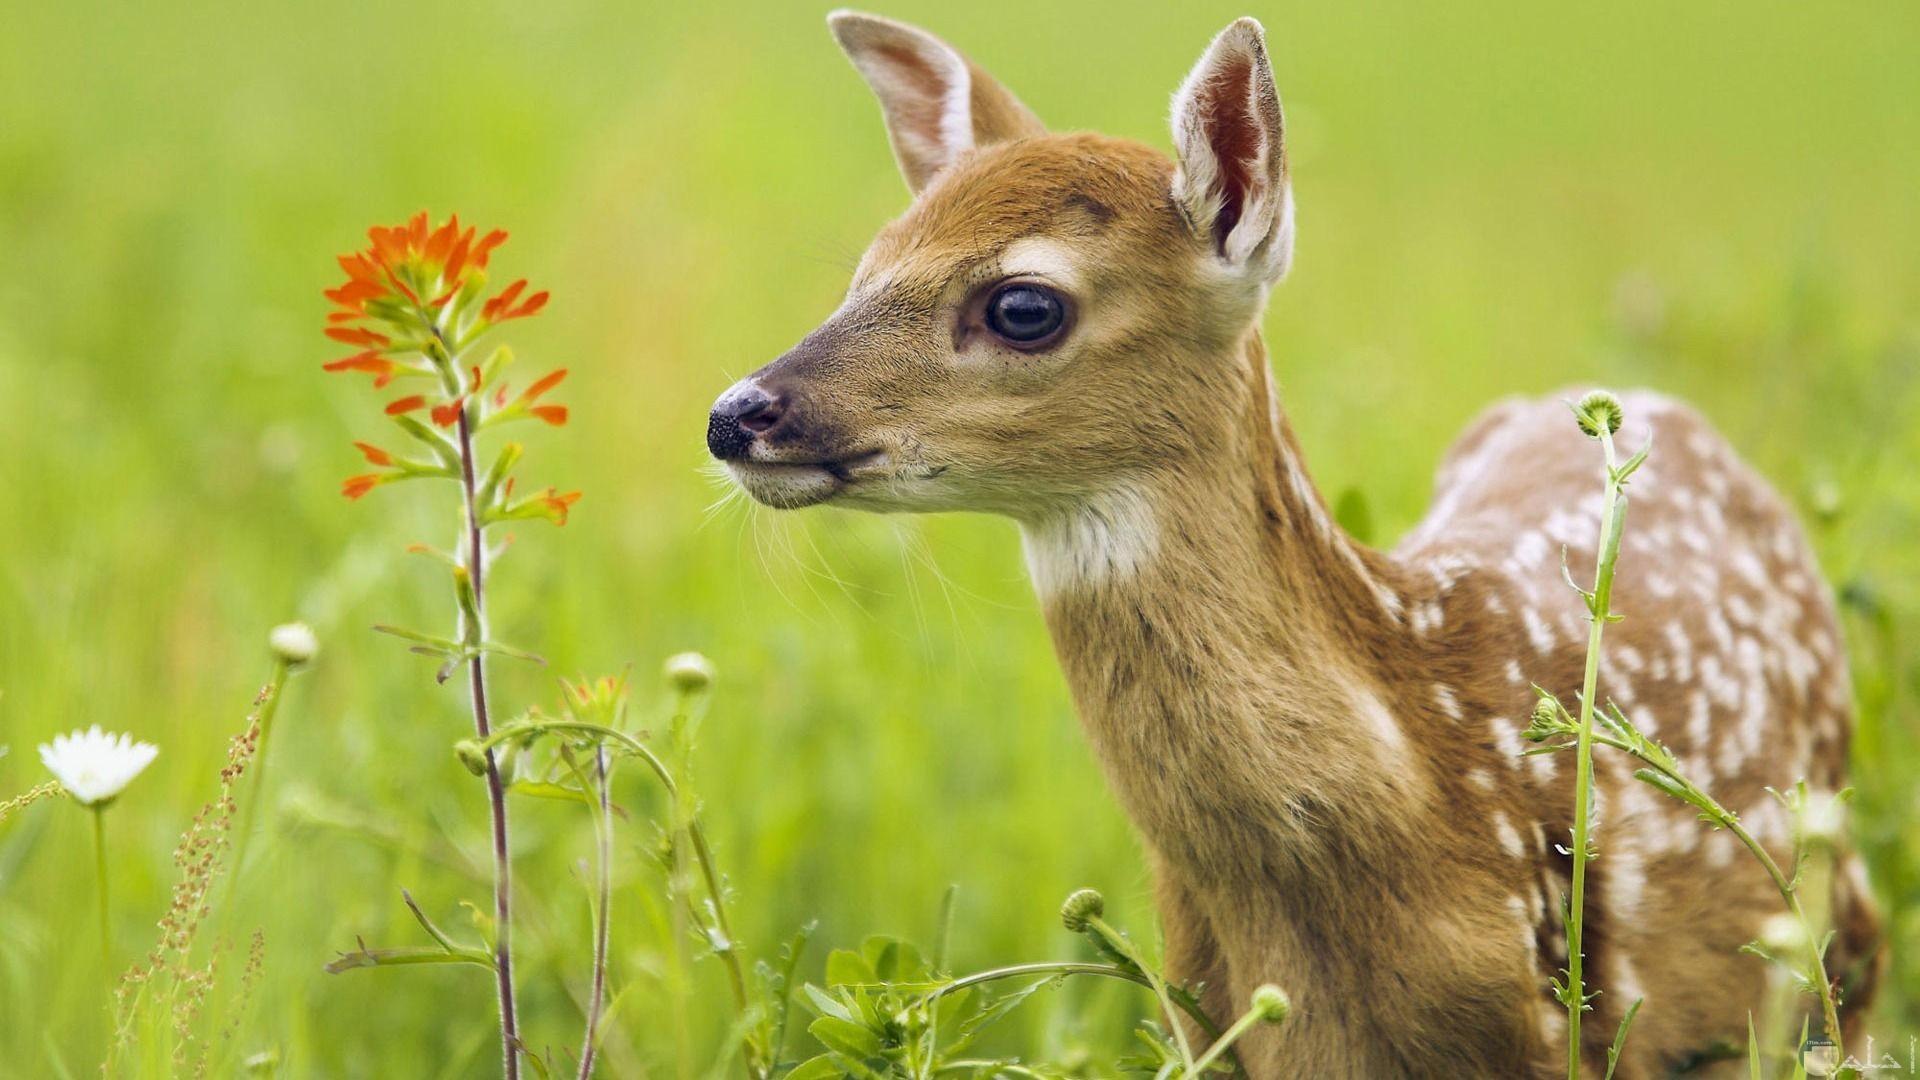 صورة غزالة صغيرة في البرية.